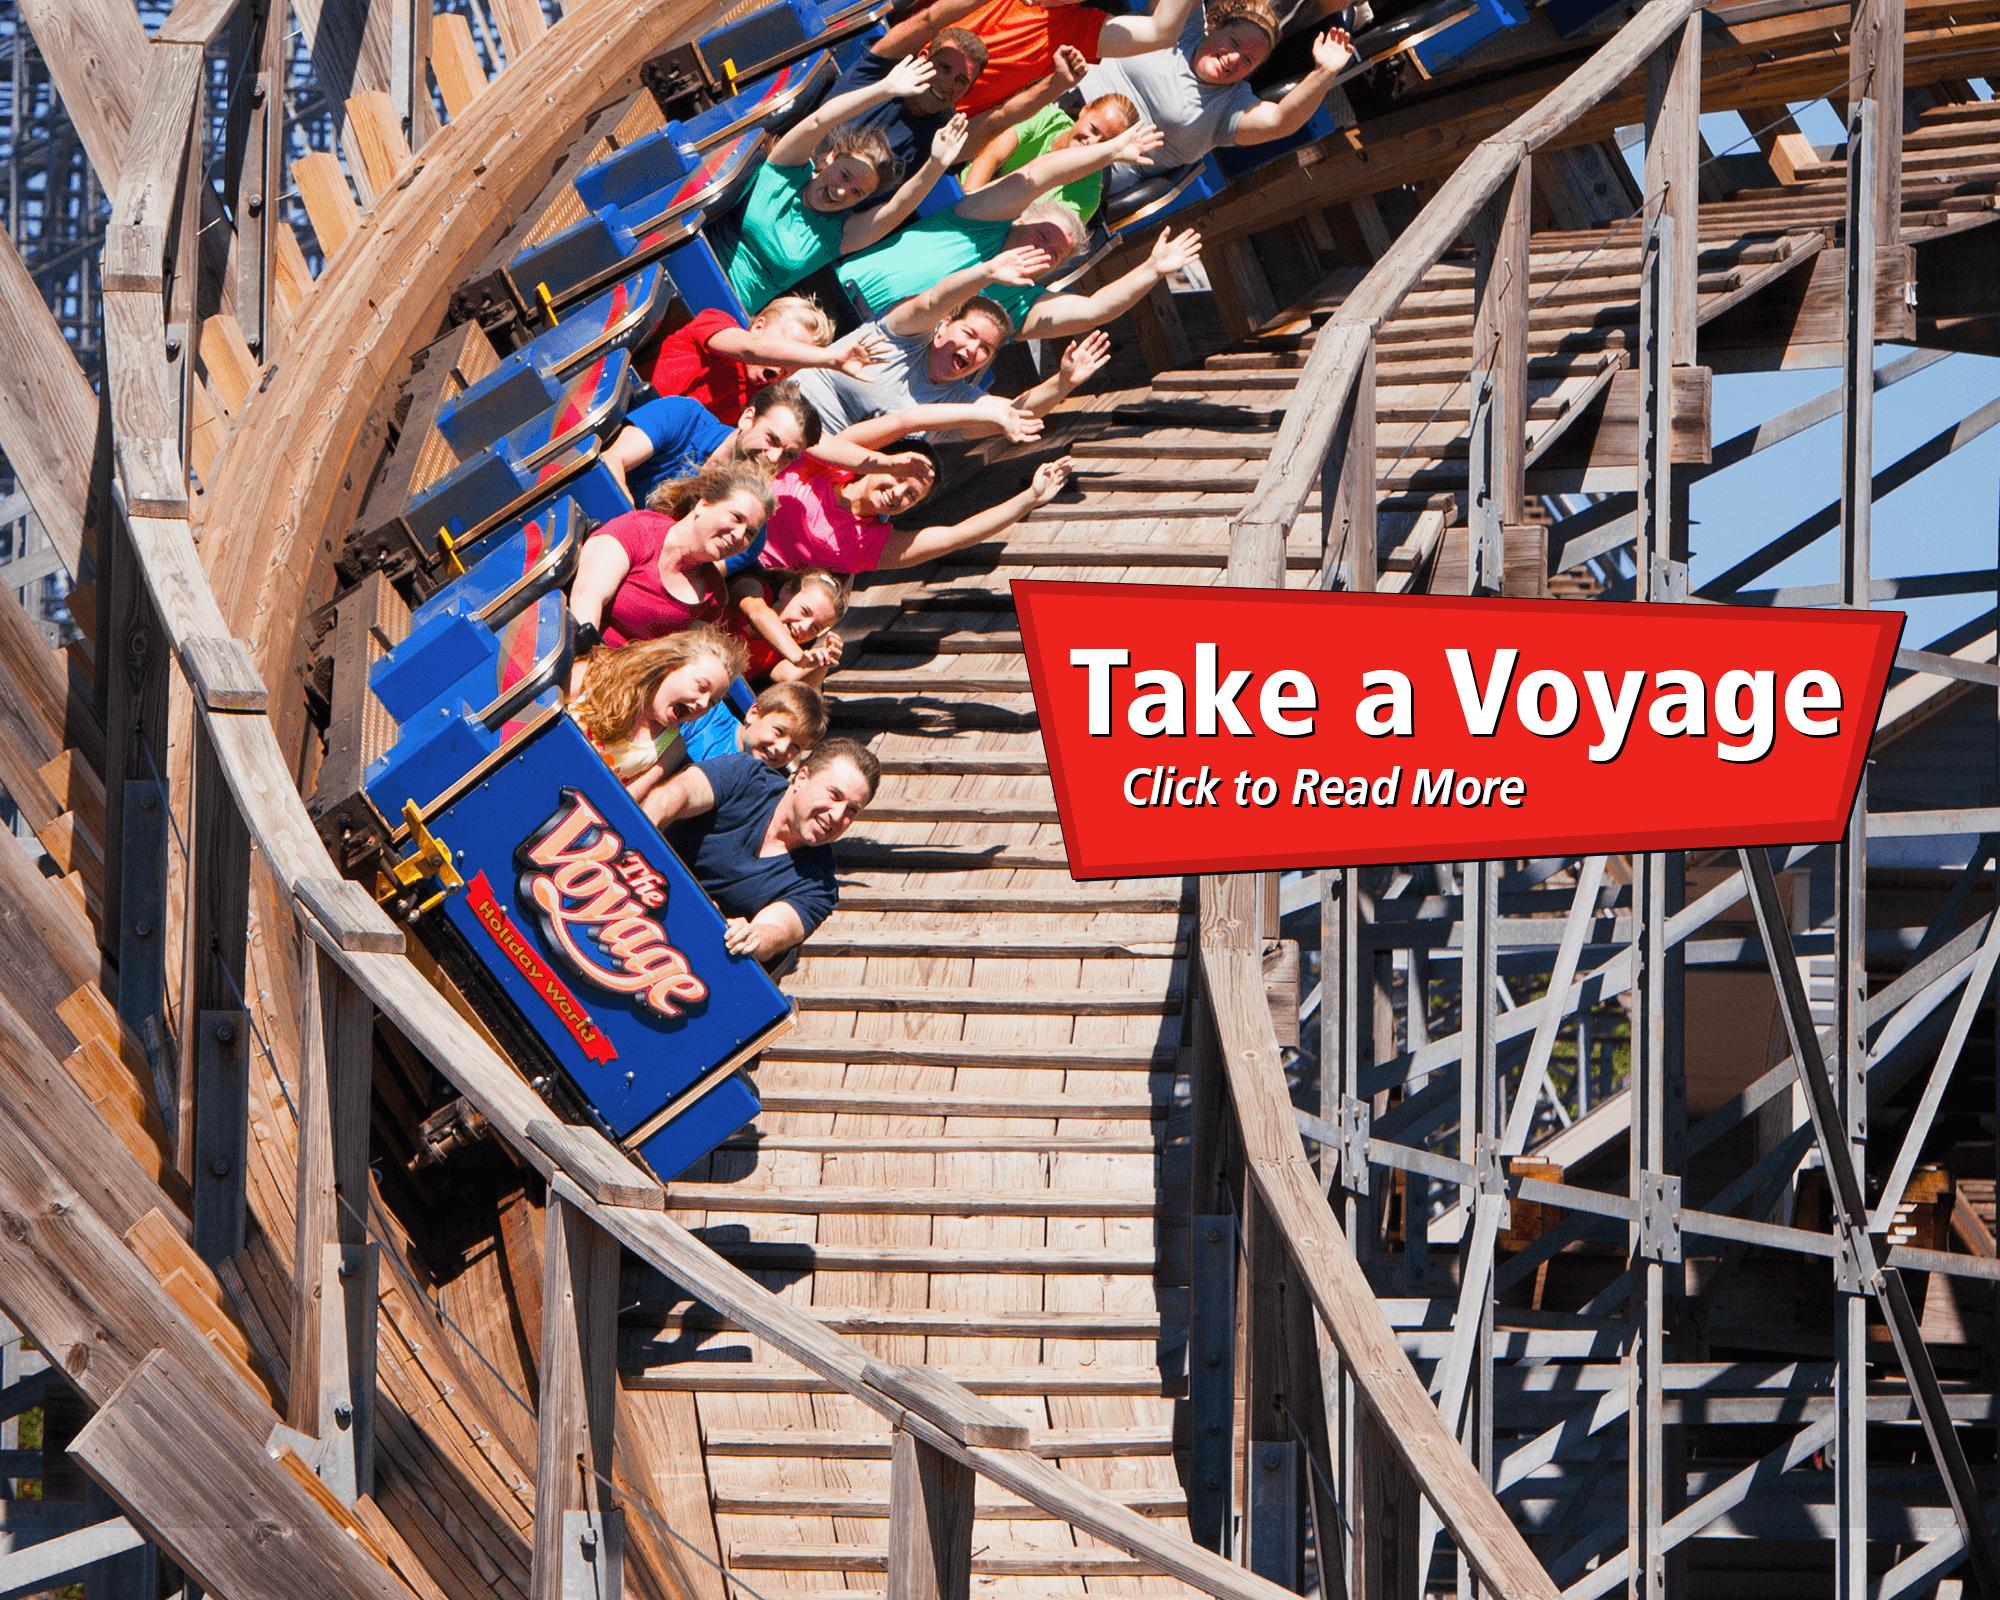 The Voyage | Holiday World & Splashin' Safari